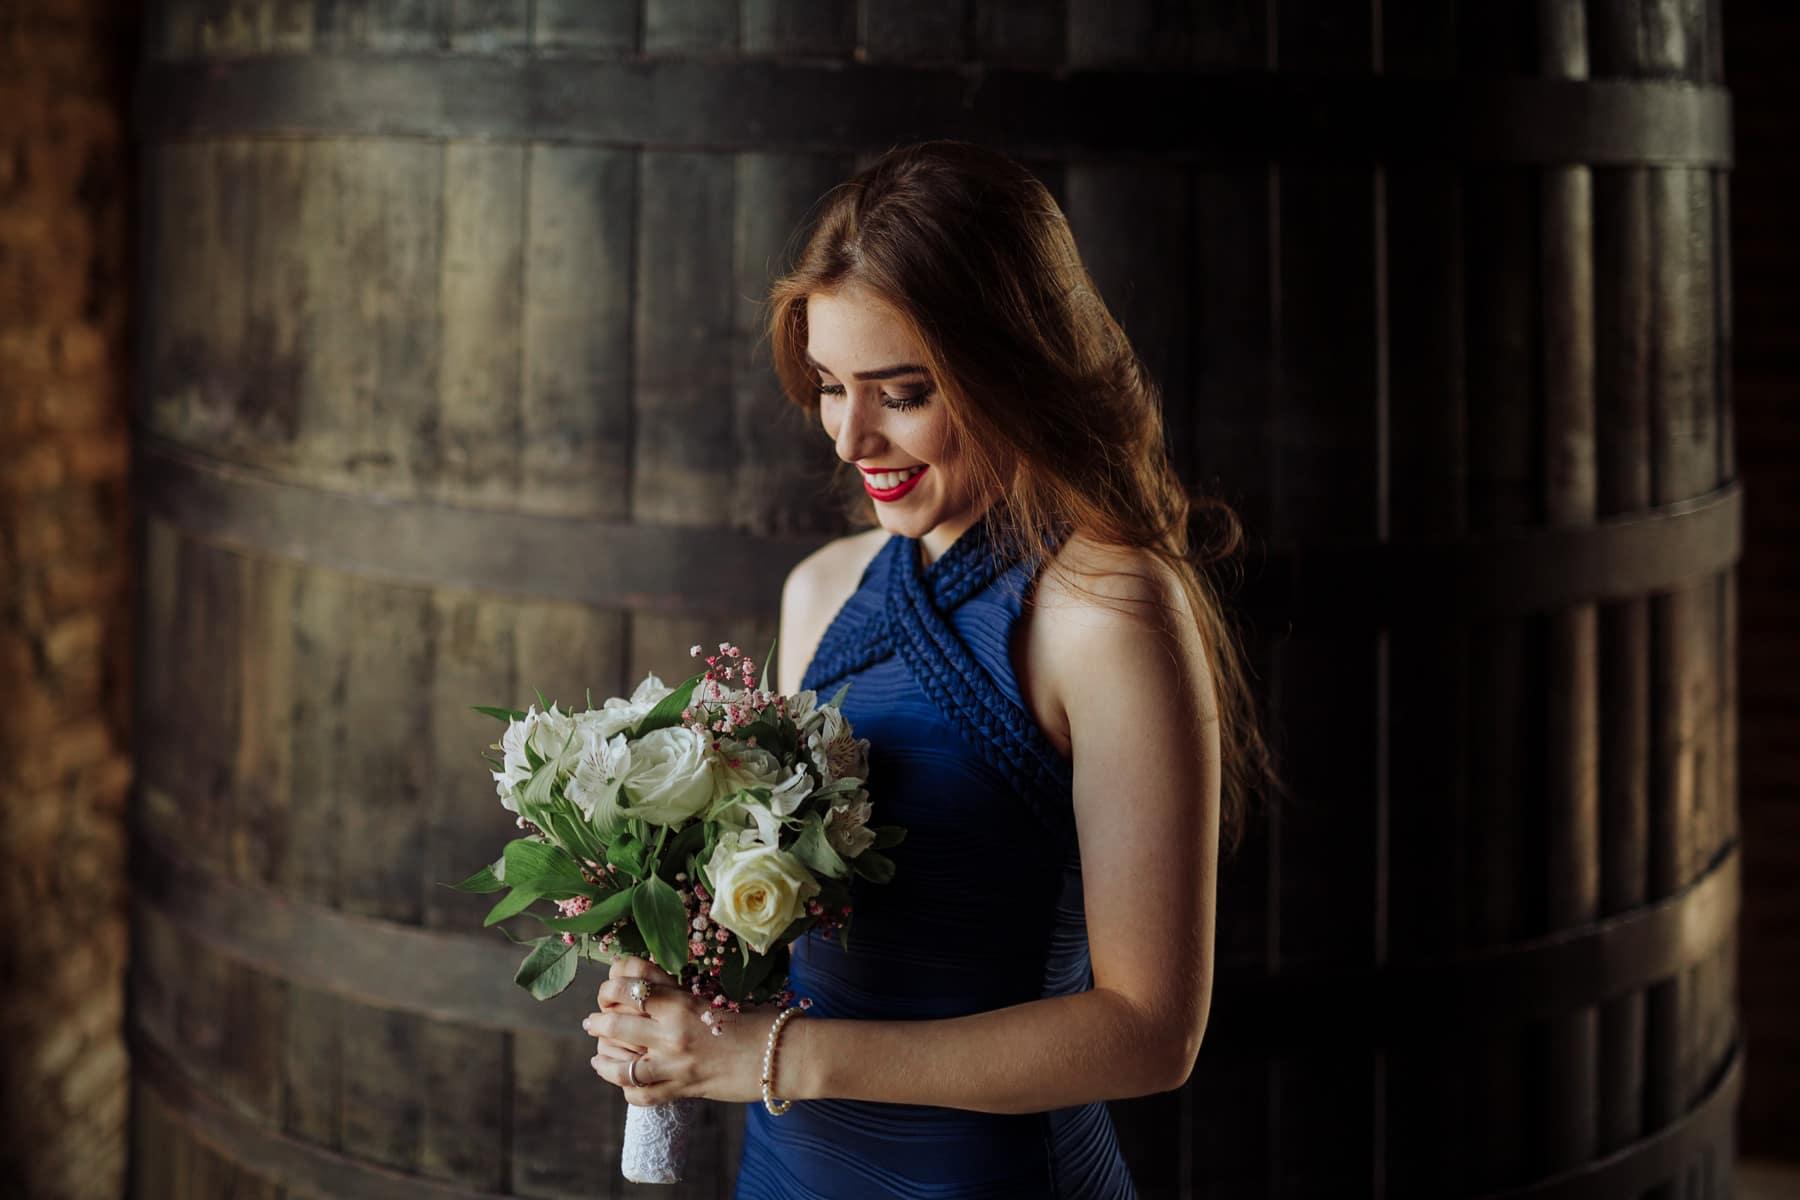 foto-noiva-buque-vestido-azul-1